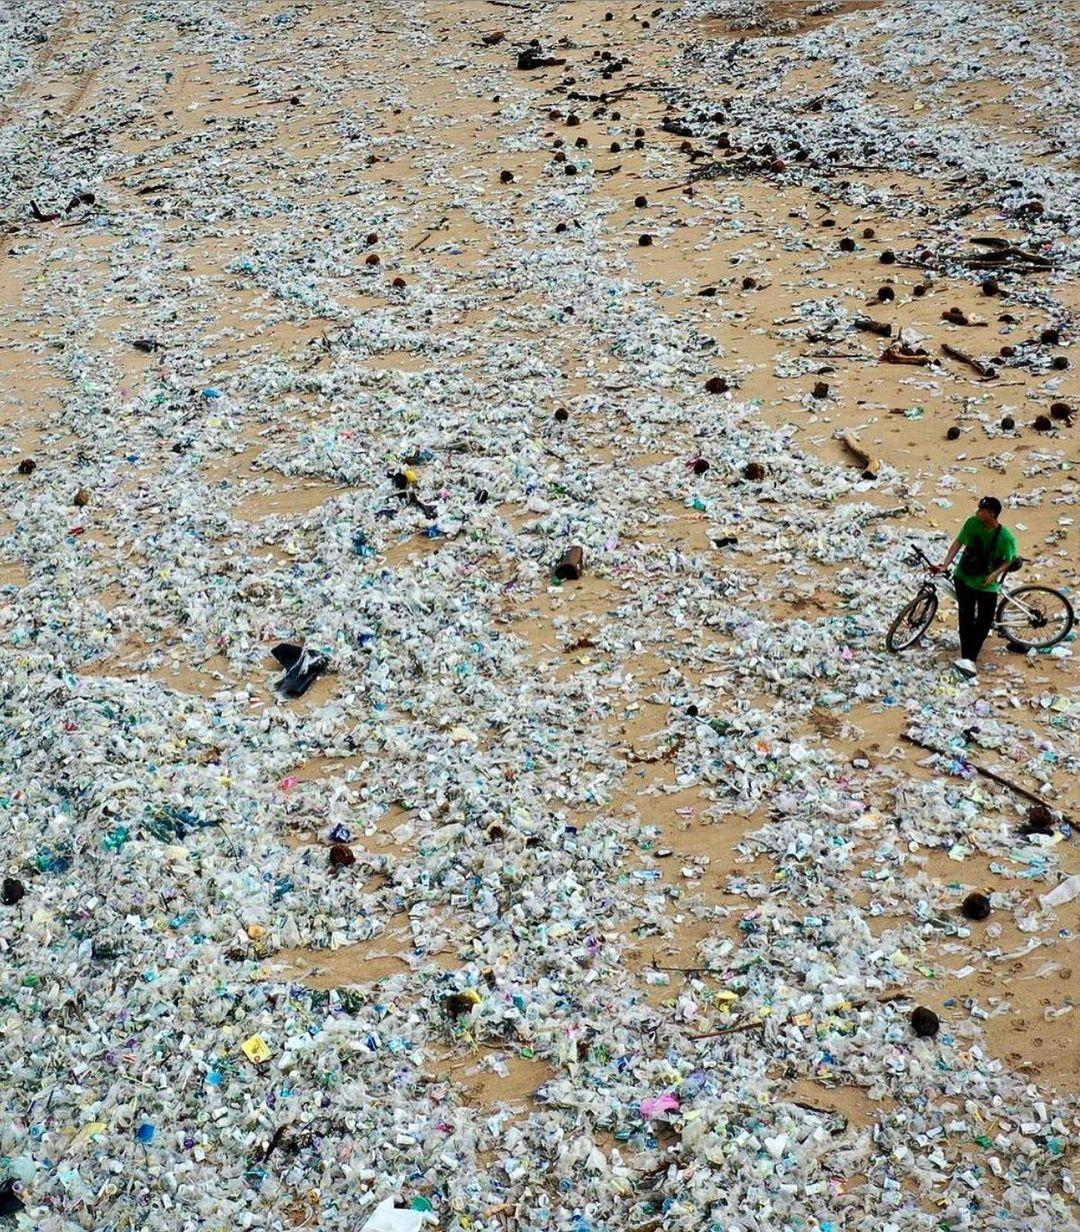 playa llena de plastico 2